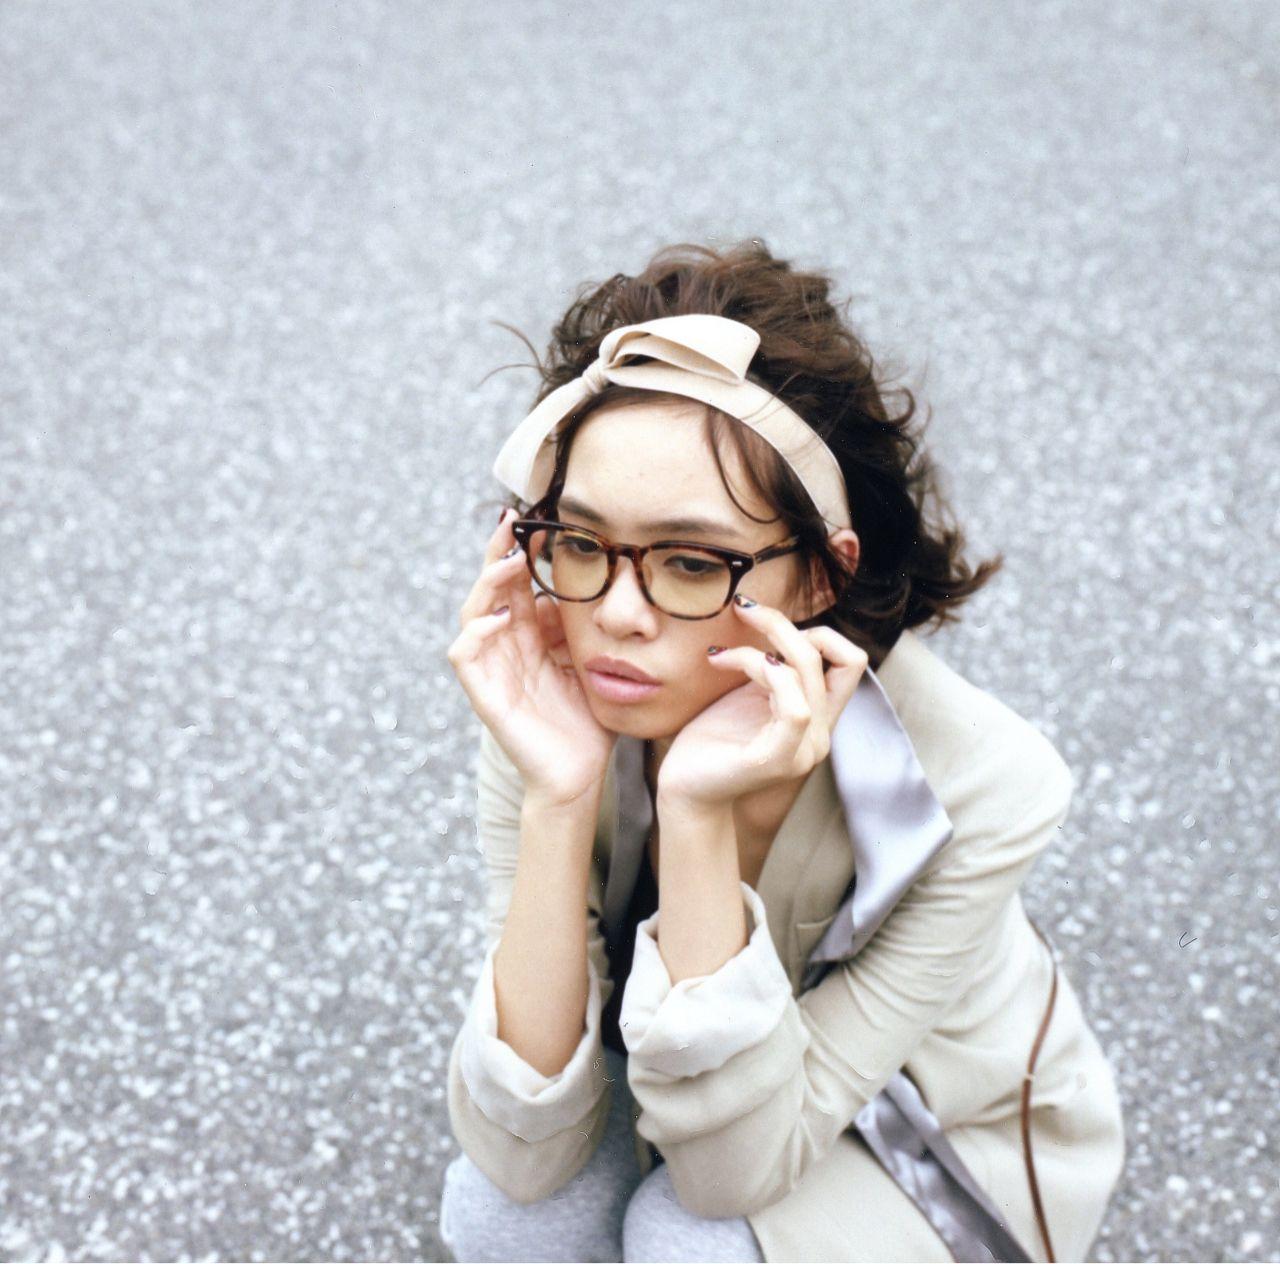 ショート 黒髪 ストリート カチューシャ ヘアスタイルや髪型の写真・画像 | 菅沼 貴紘 / RITZ daikanyama